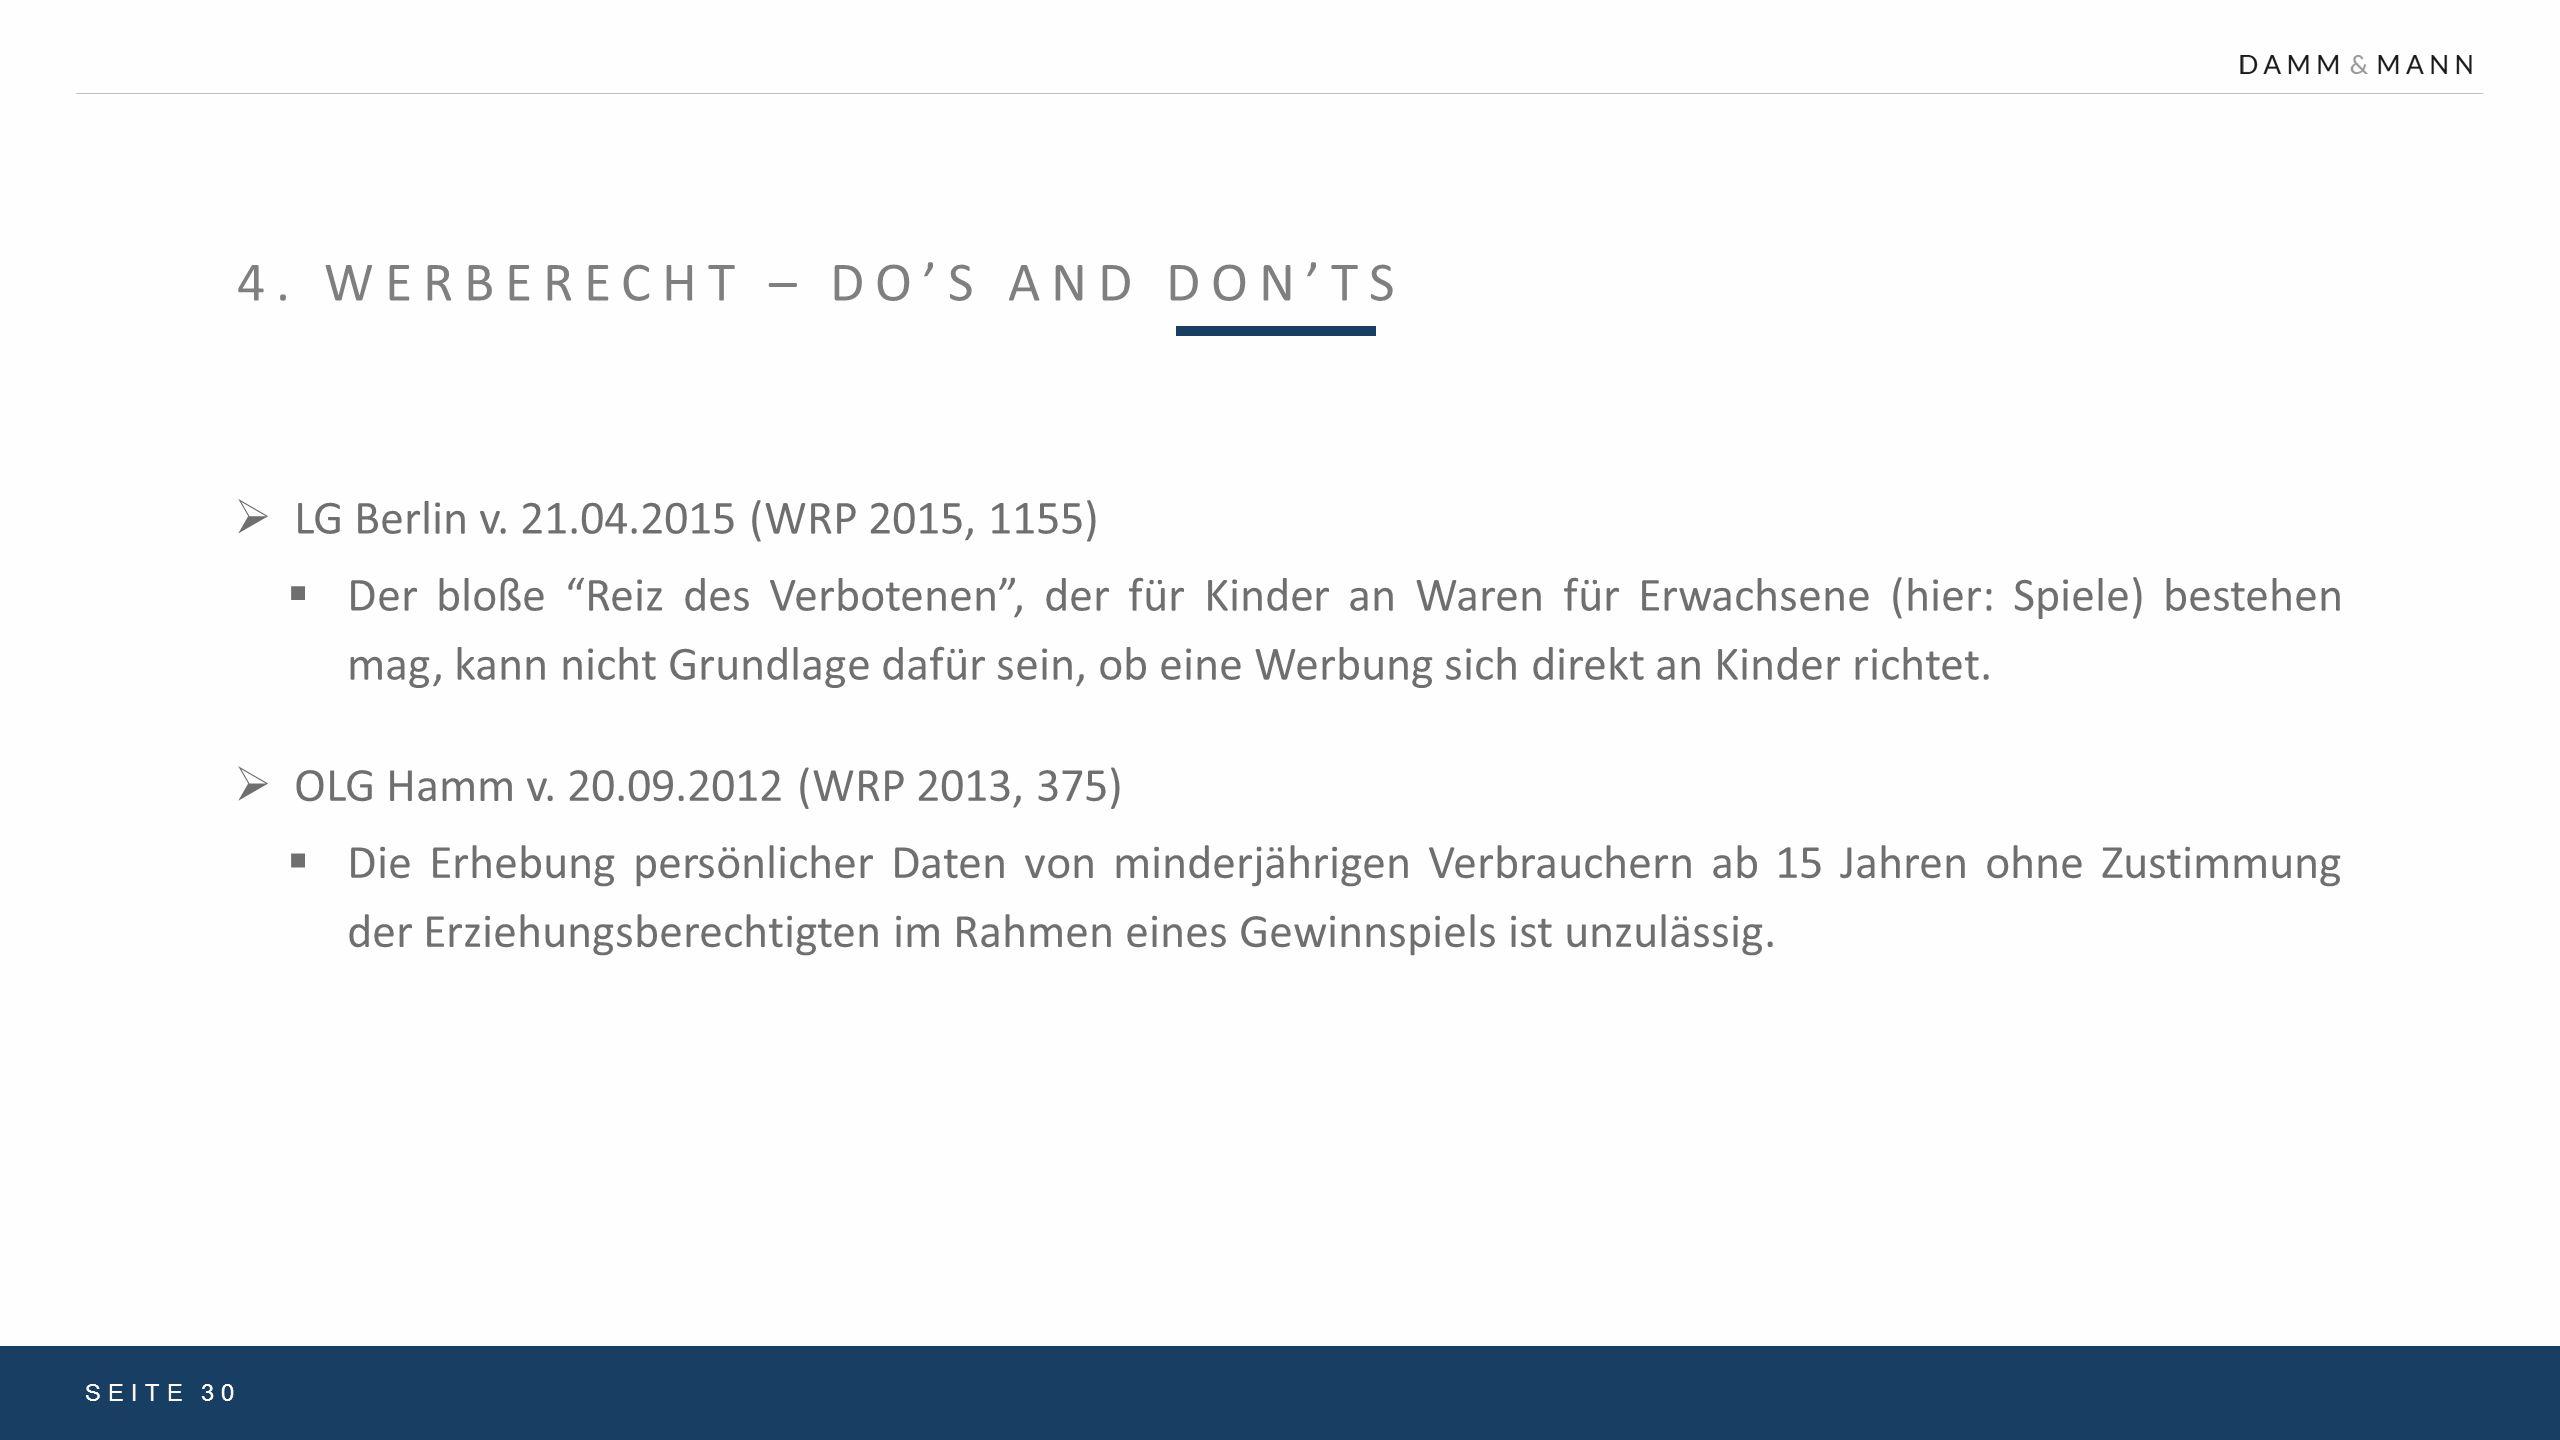 """4. WERBERECHT – DO'S AND DON'TS SEITE 30  LG Berlin v. 21.04.2015 (WRP 2015, 1155)  Der bloße """"Reiz des Verbotenen"""", der für Kinder an Waren für Erw"""